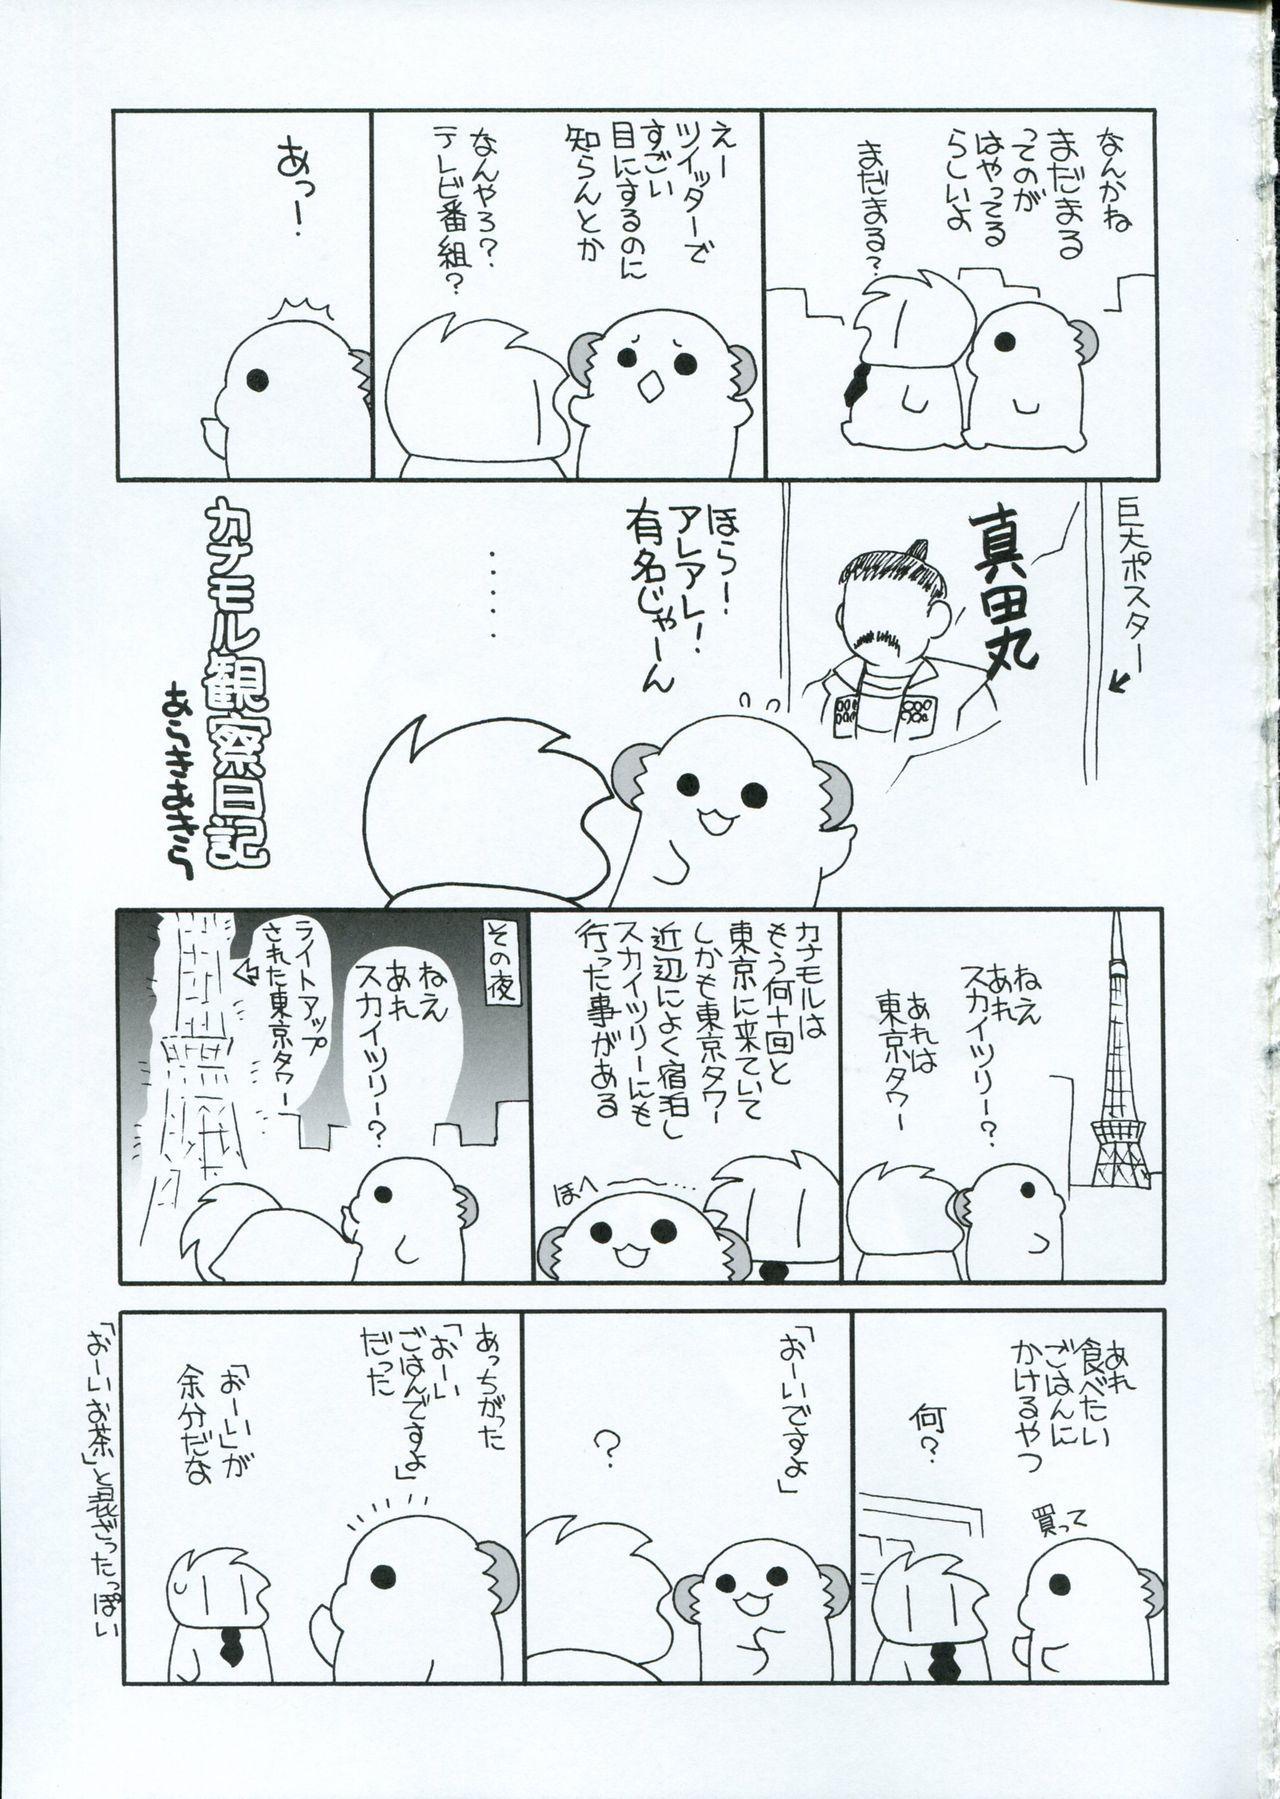 Yumeyume wasururu yume 18